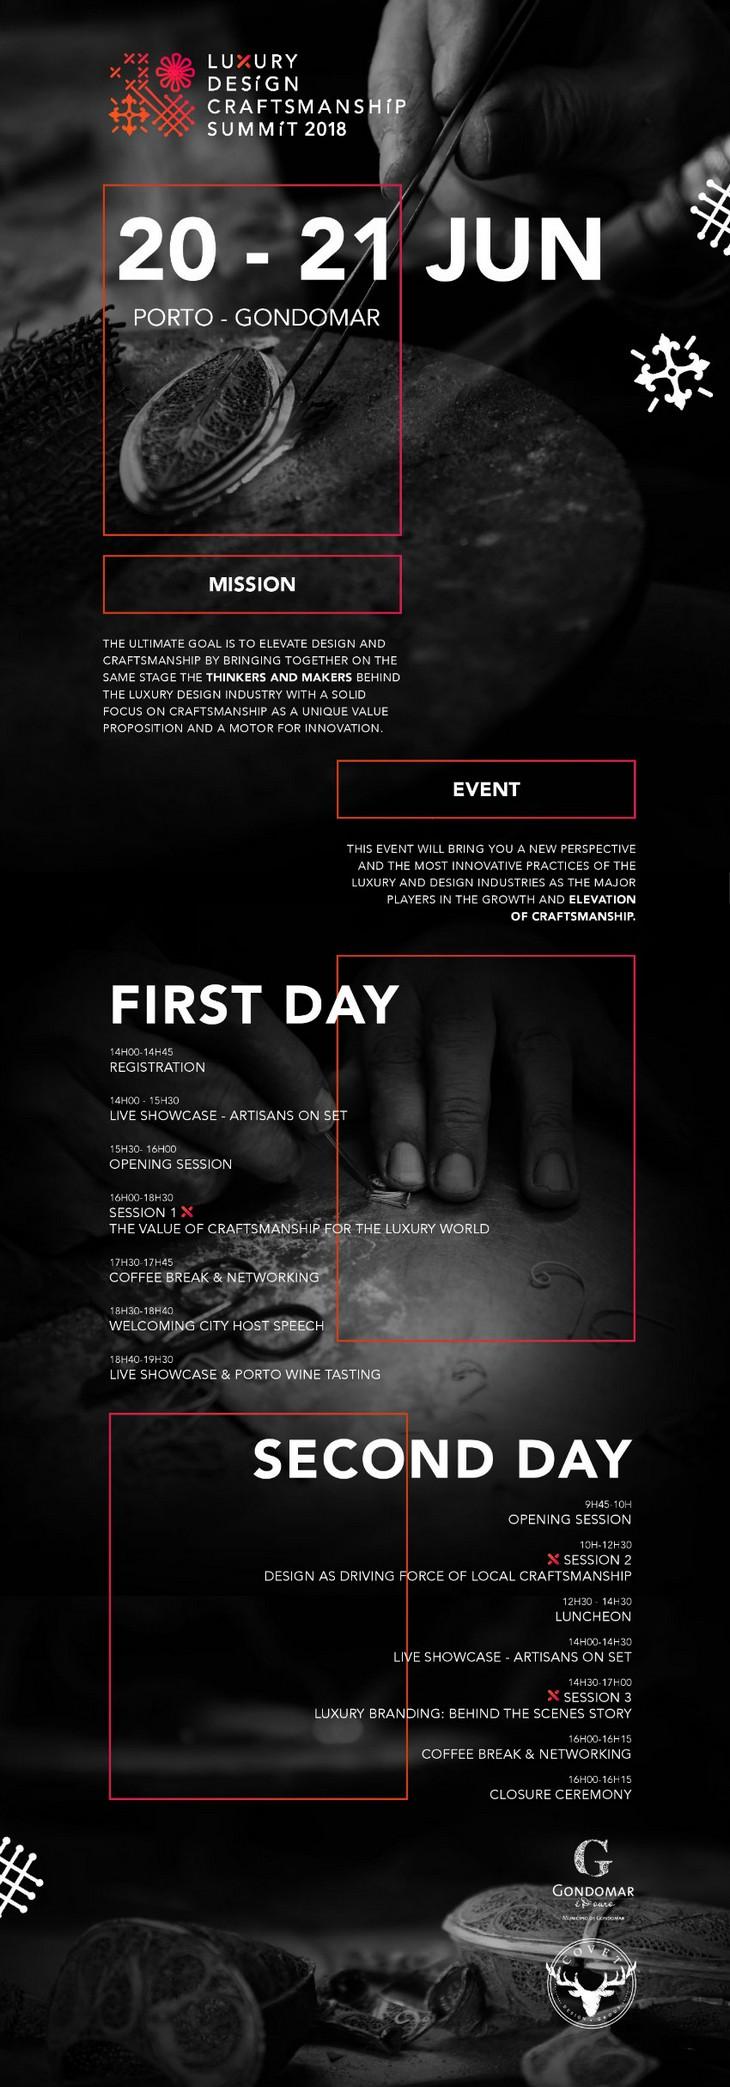 Diseño y Artesania: un evento de lujo para conoceres evento de lujo Diseño y Artesania: un evento de lujo para conoceres 001 summit infographic 001